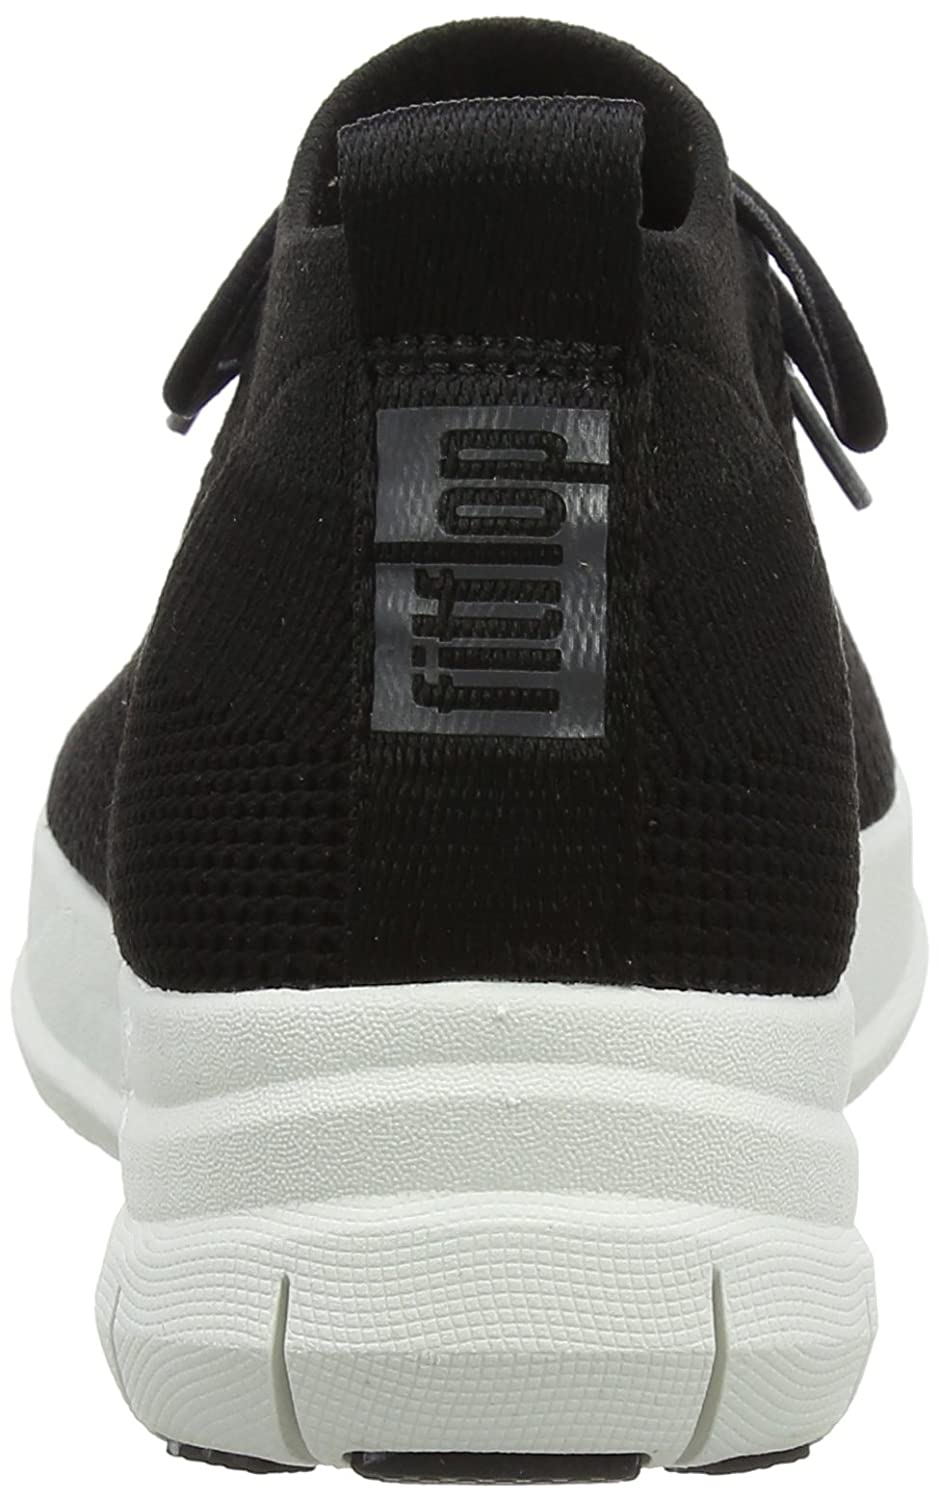 FitFlop Uberknit Woman Uberknit FitFlop Sneaker Black/White Nero (Black 001) b5dfd7